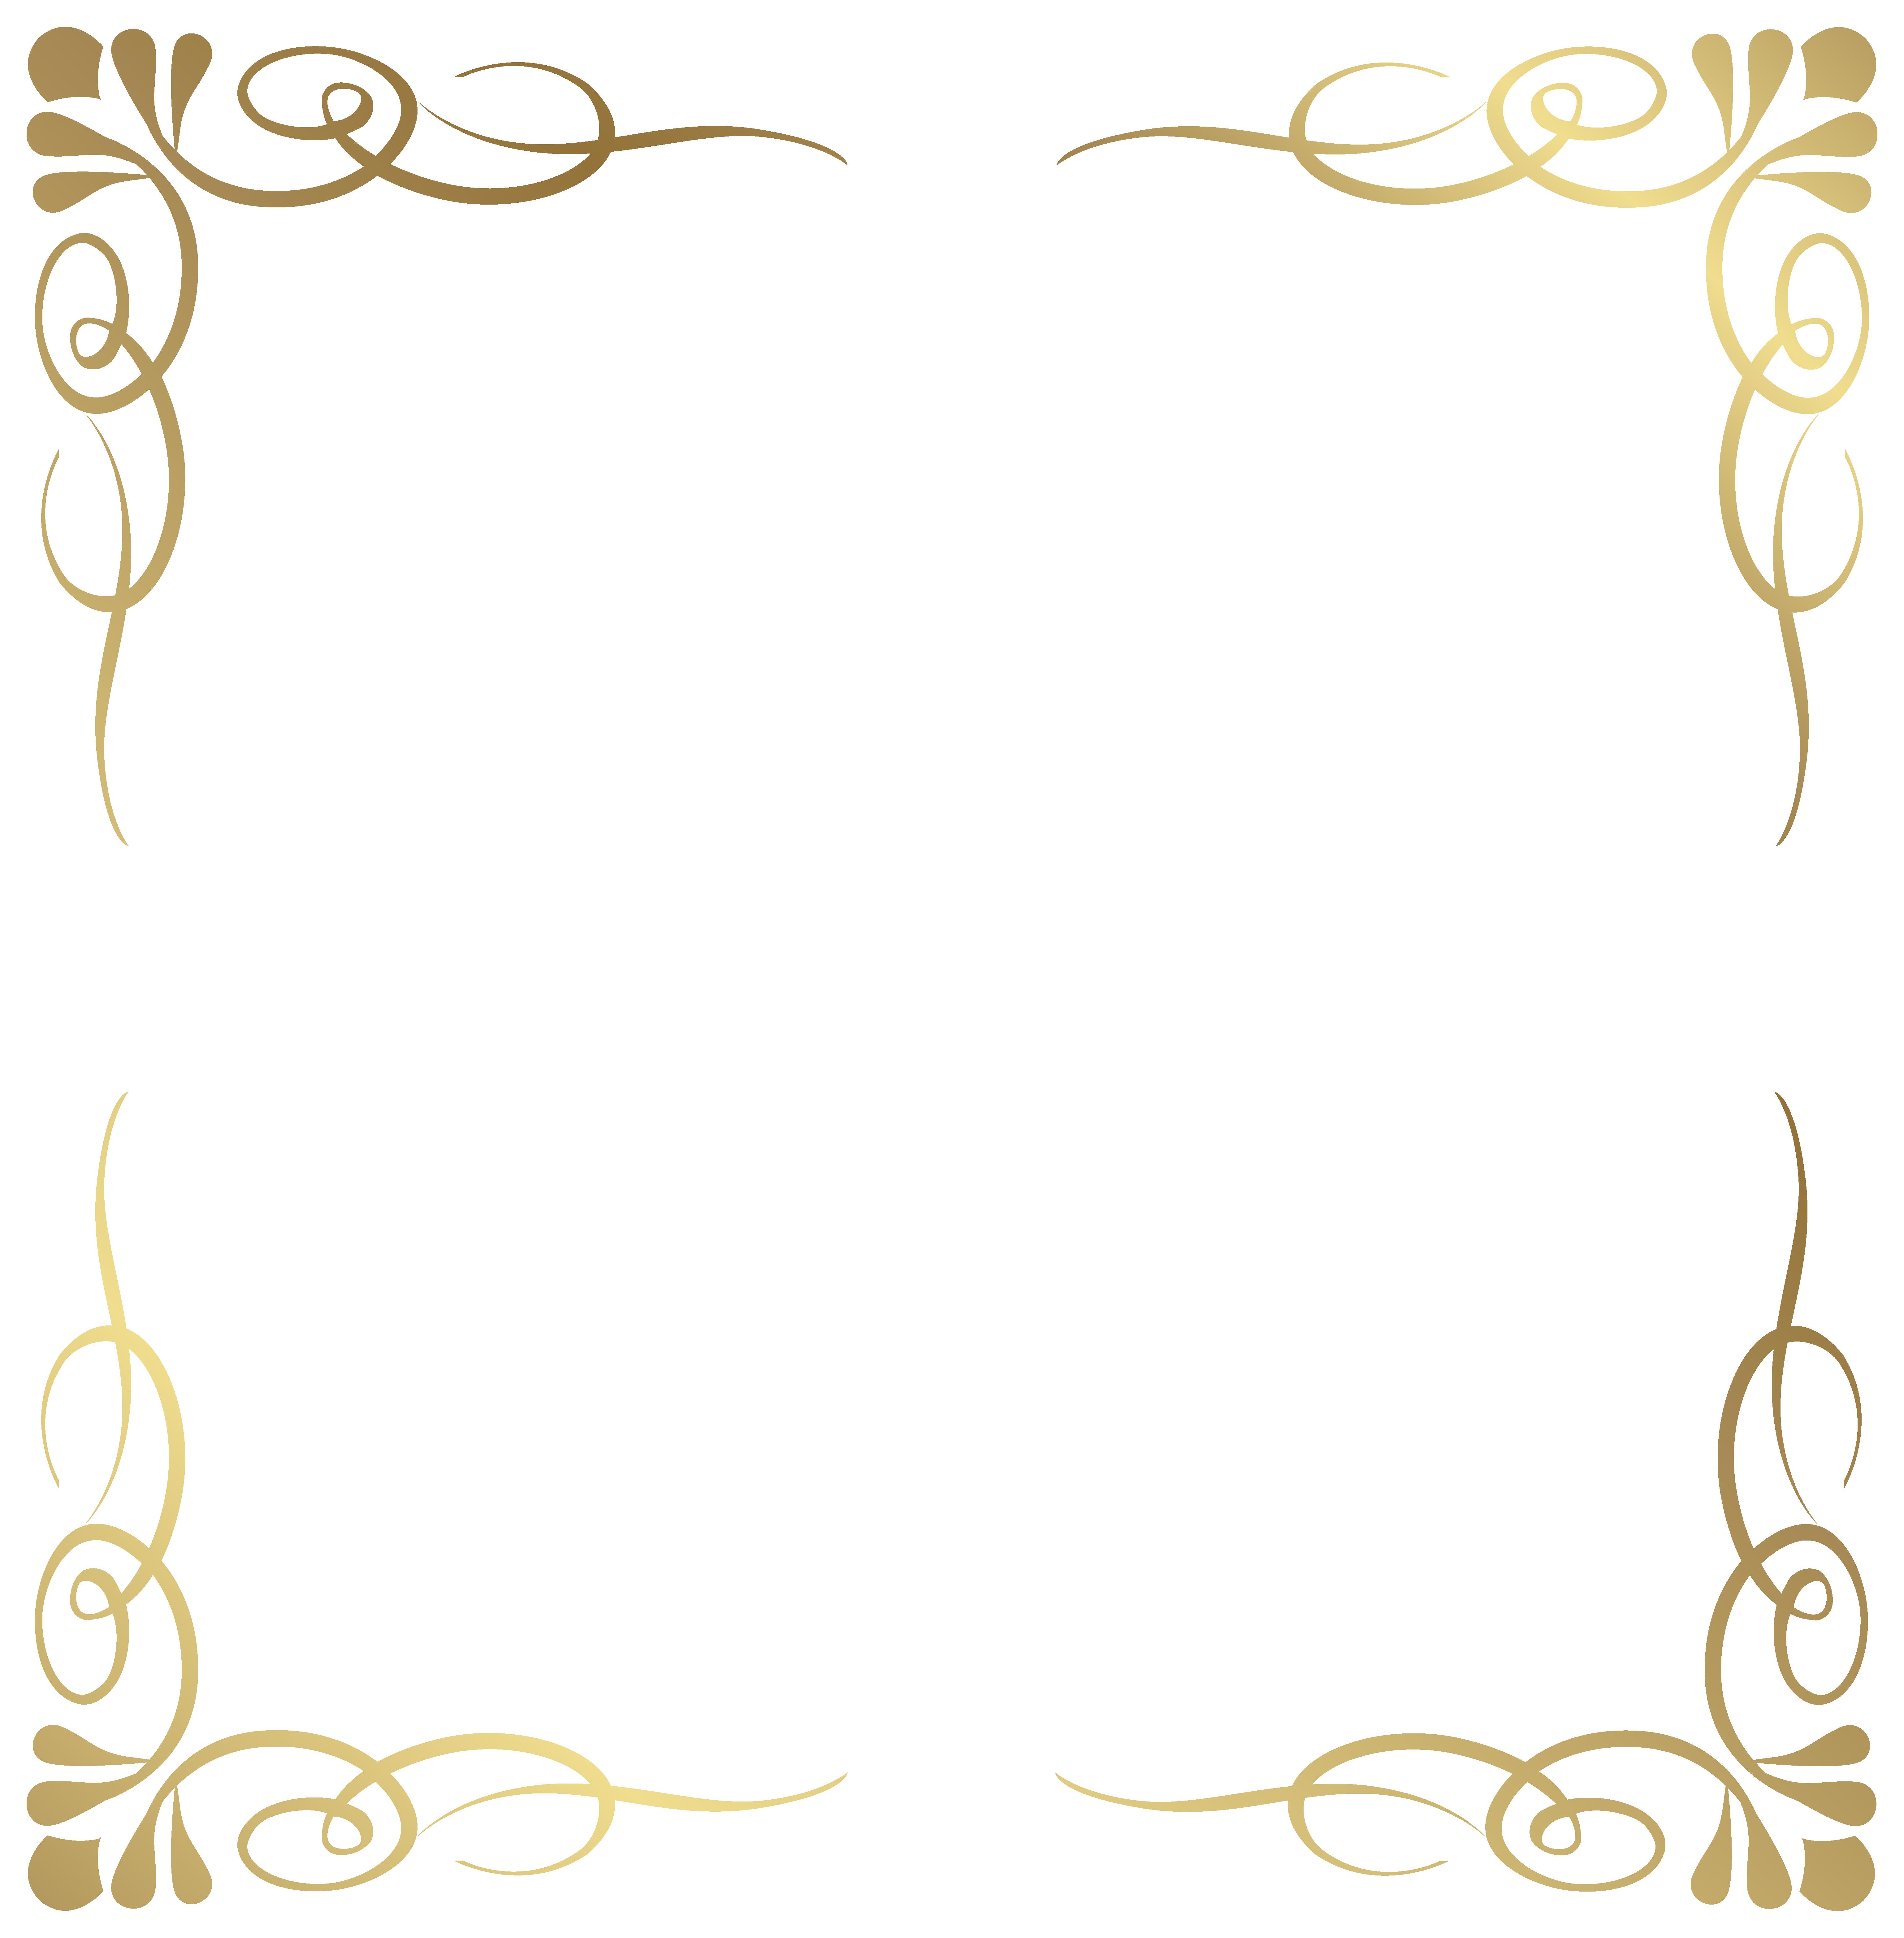 Elegant crown boarder clipart banner Transparent Decorative Frame Border PNG Image | Gallery ... banner